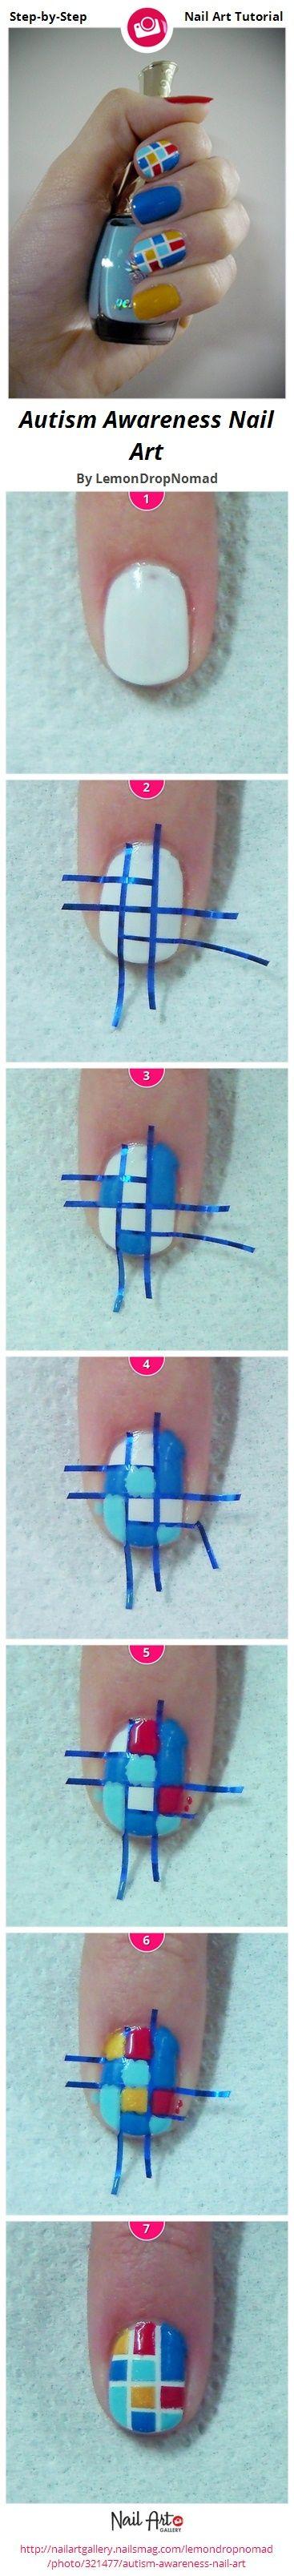 Autism Awareness Nail Art by LemonDropNomad - Nail Art Gallery Step-by-Step Tutorials nailartgallery.nailsmag.com by Nails Magazine www.nailsmag.com #nailart